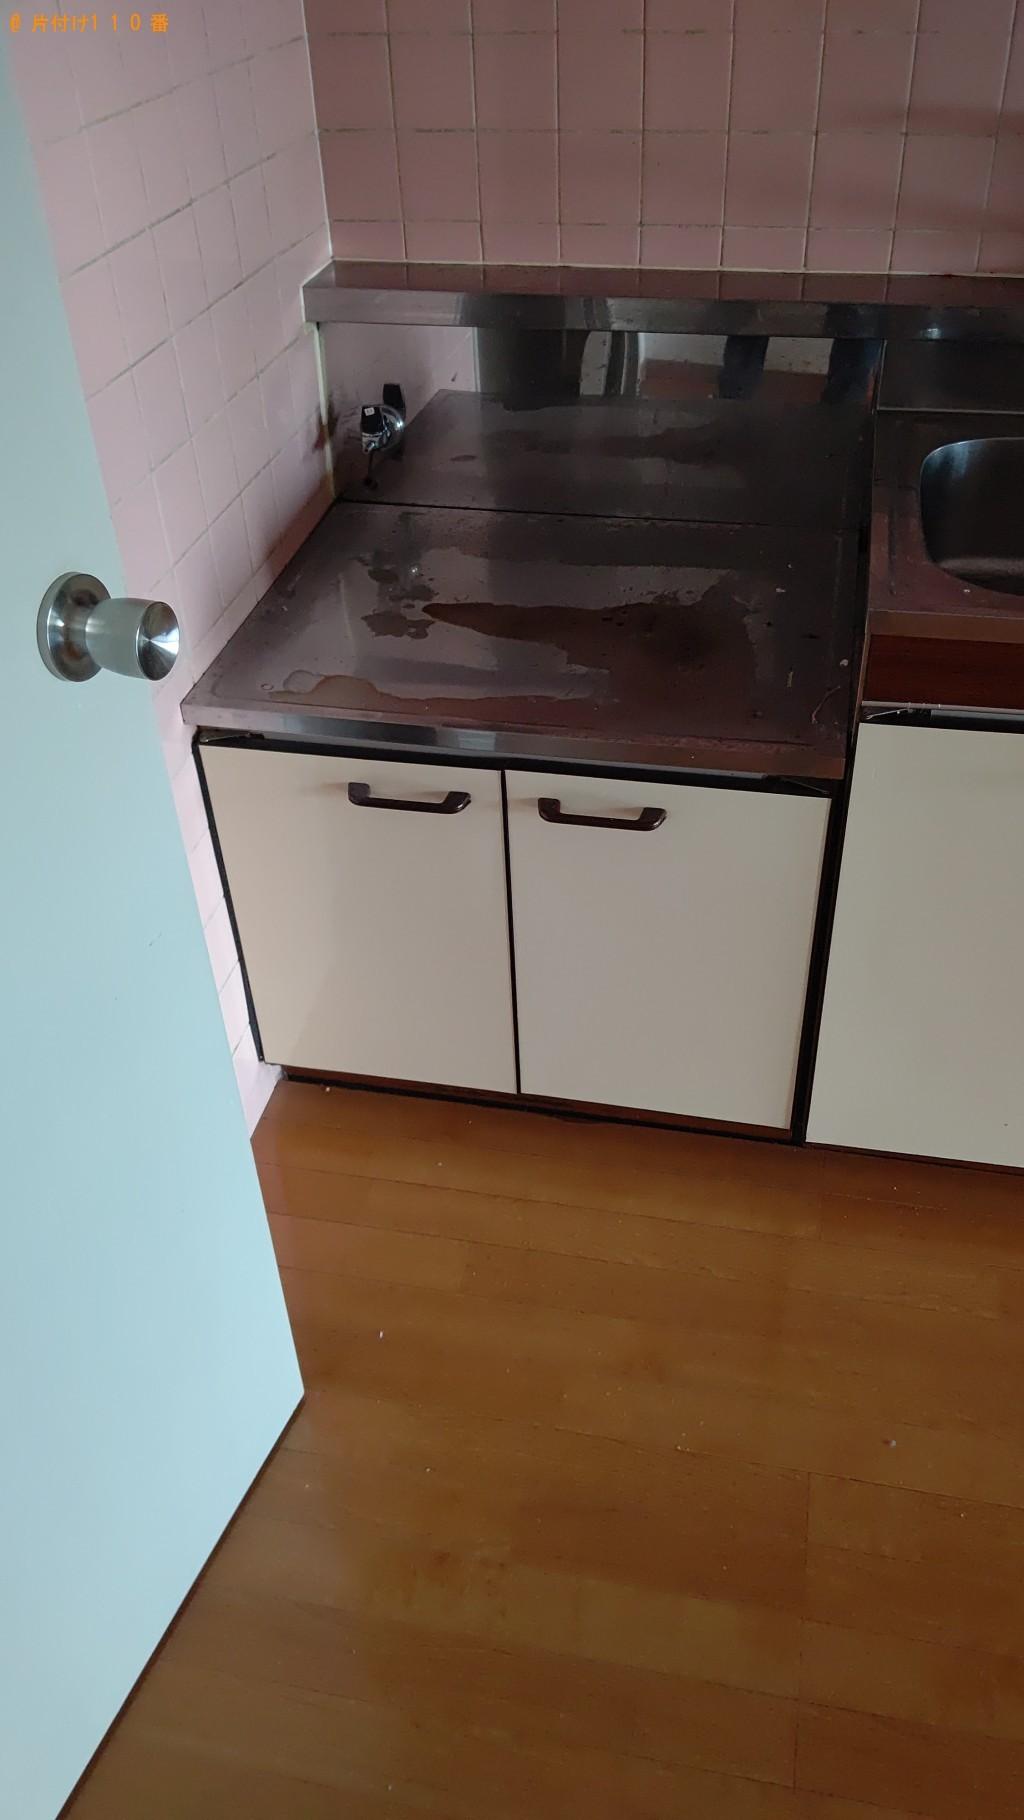 【札幌市豊平区】冷蔵庫、洗濯機、ガスコンロの回収・処分ご依頼